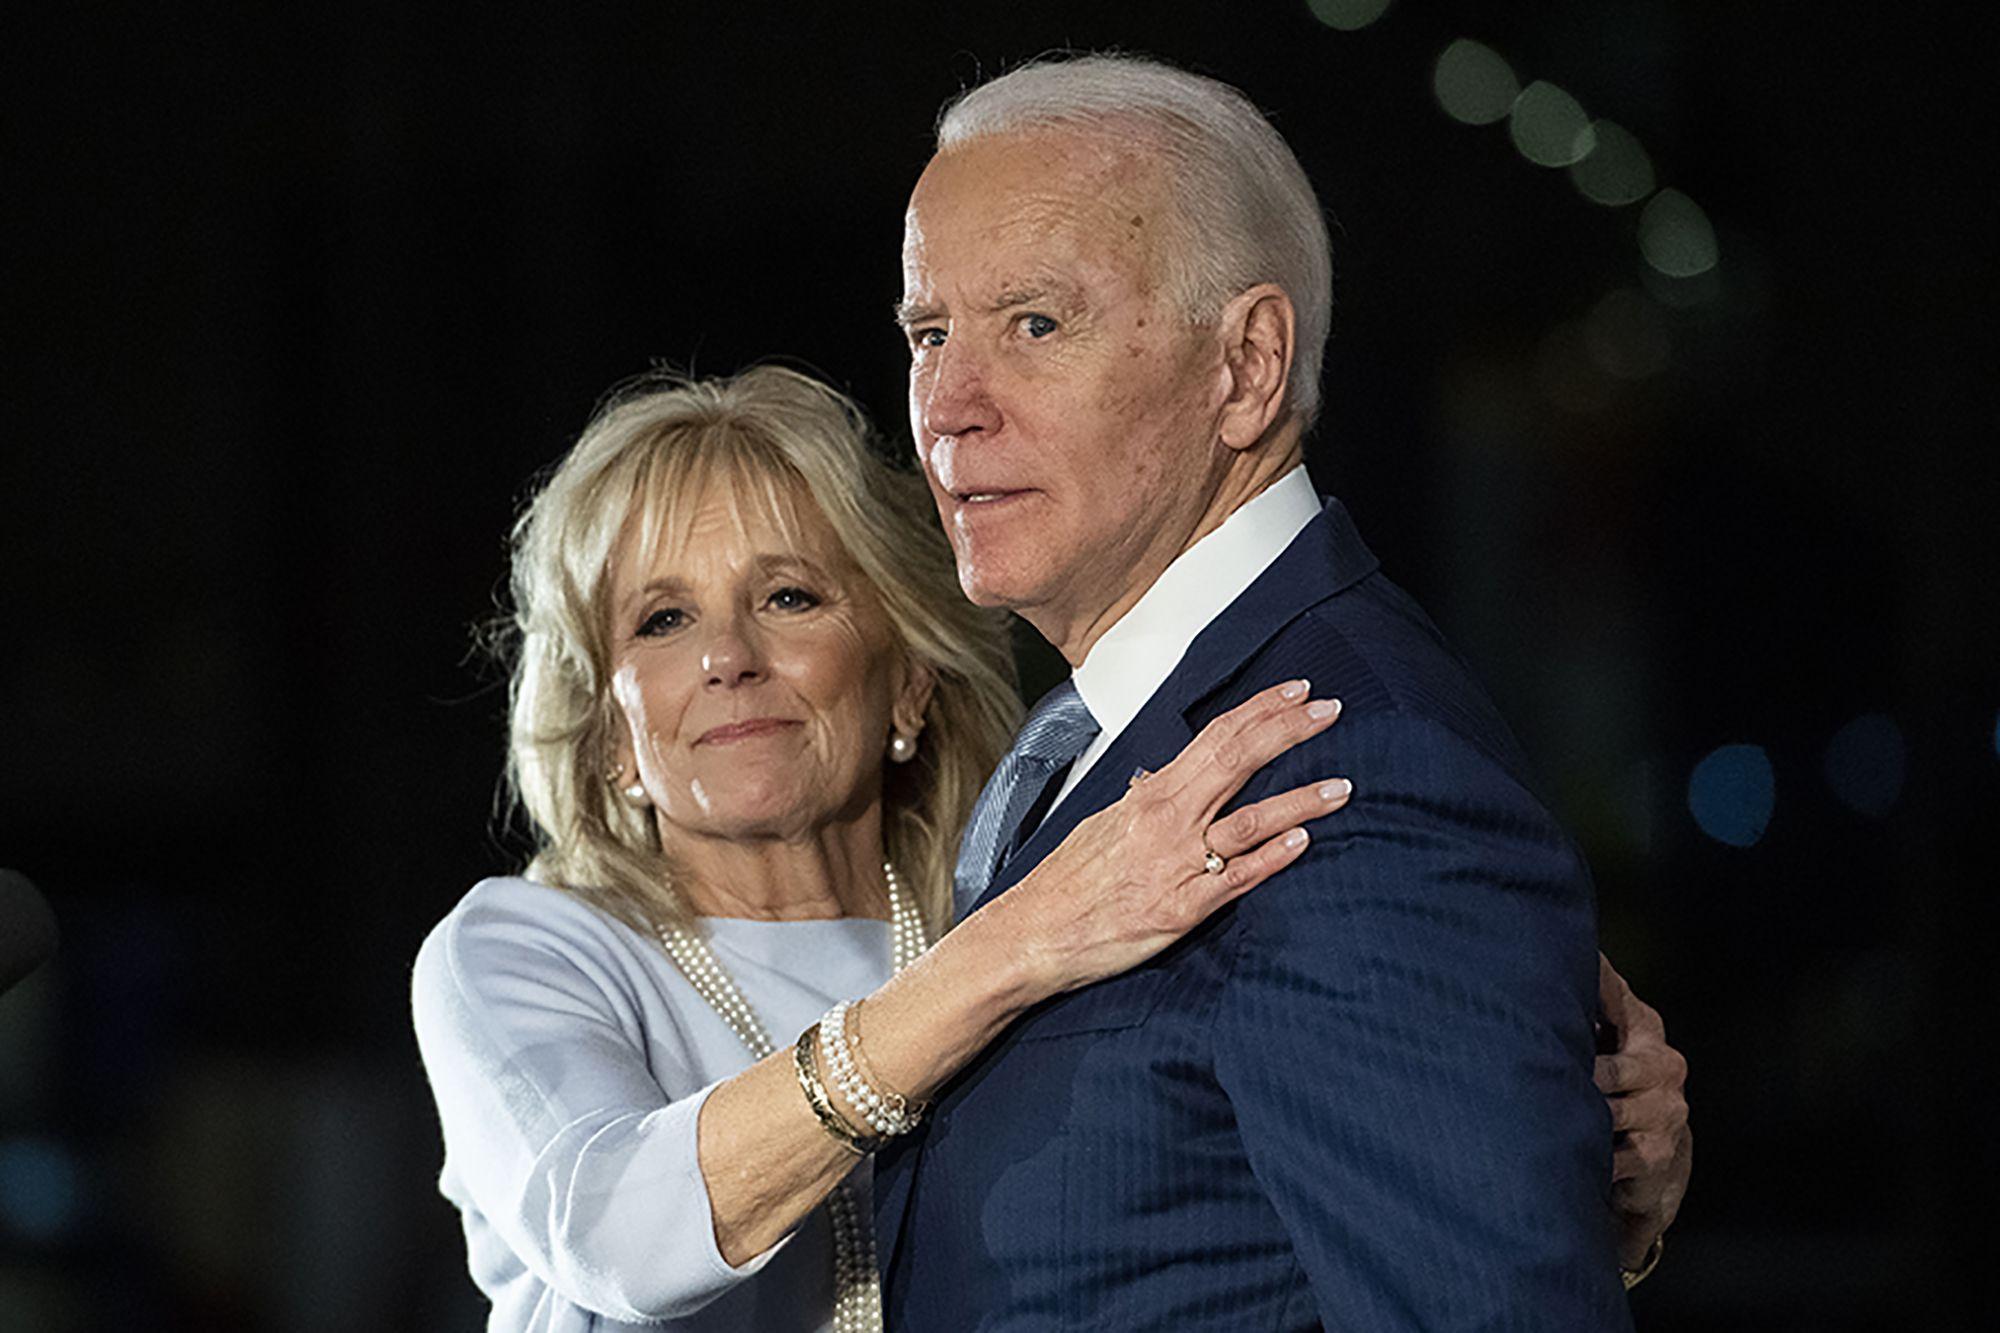 """Đại diện đảng Dân chủ Joe Biden bị chồng cũ của vợ chỉ trích """"giả tạo"""" - Ảnh 3"""